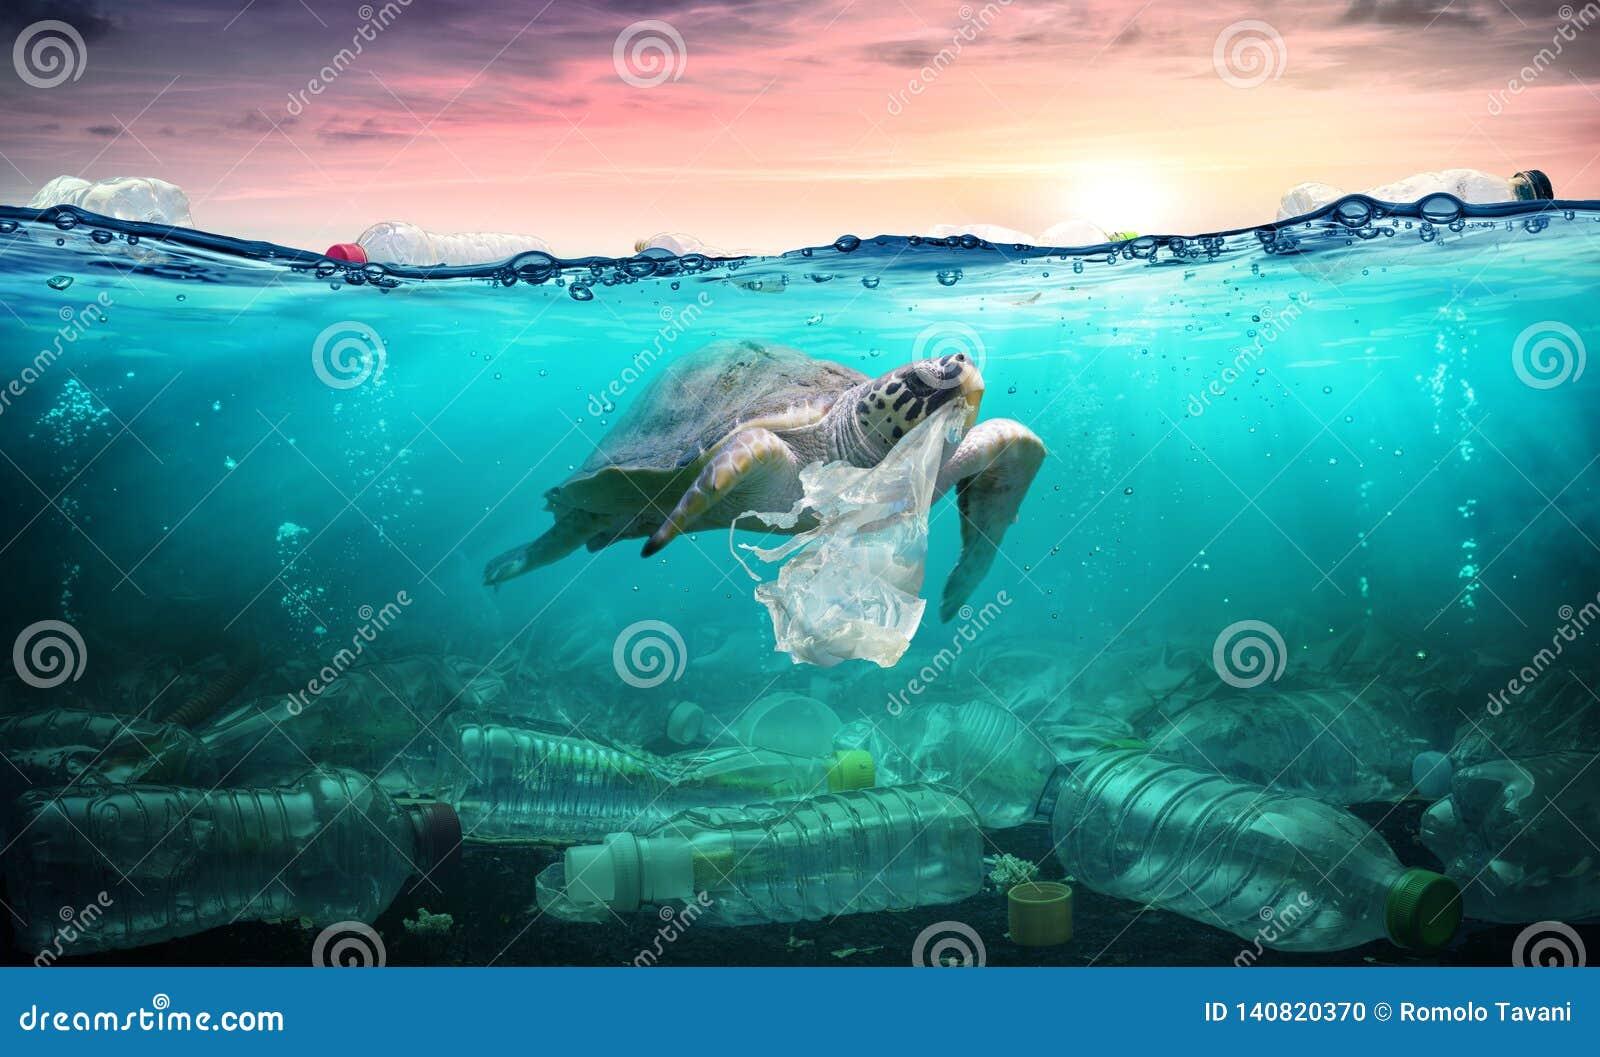 Poluição plástica no oceano - a tartaruga come o saco de plástico